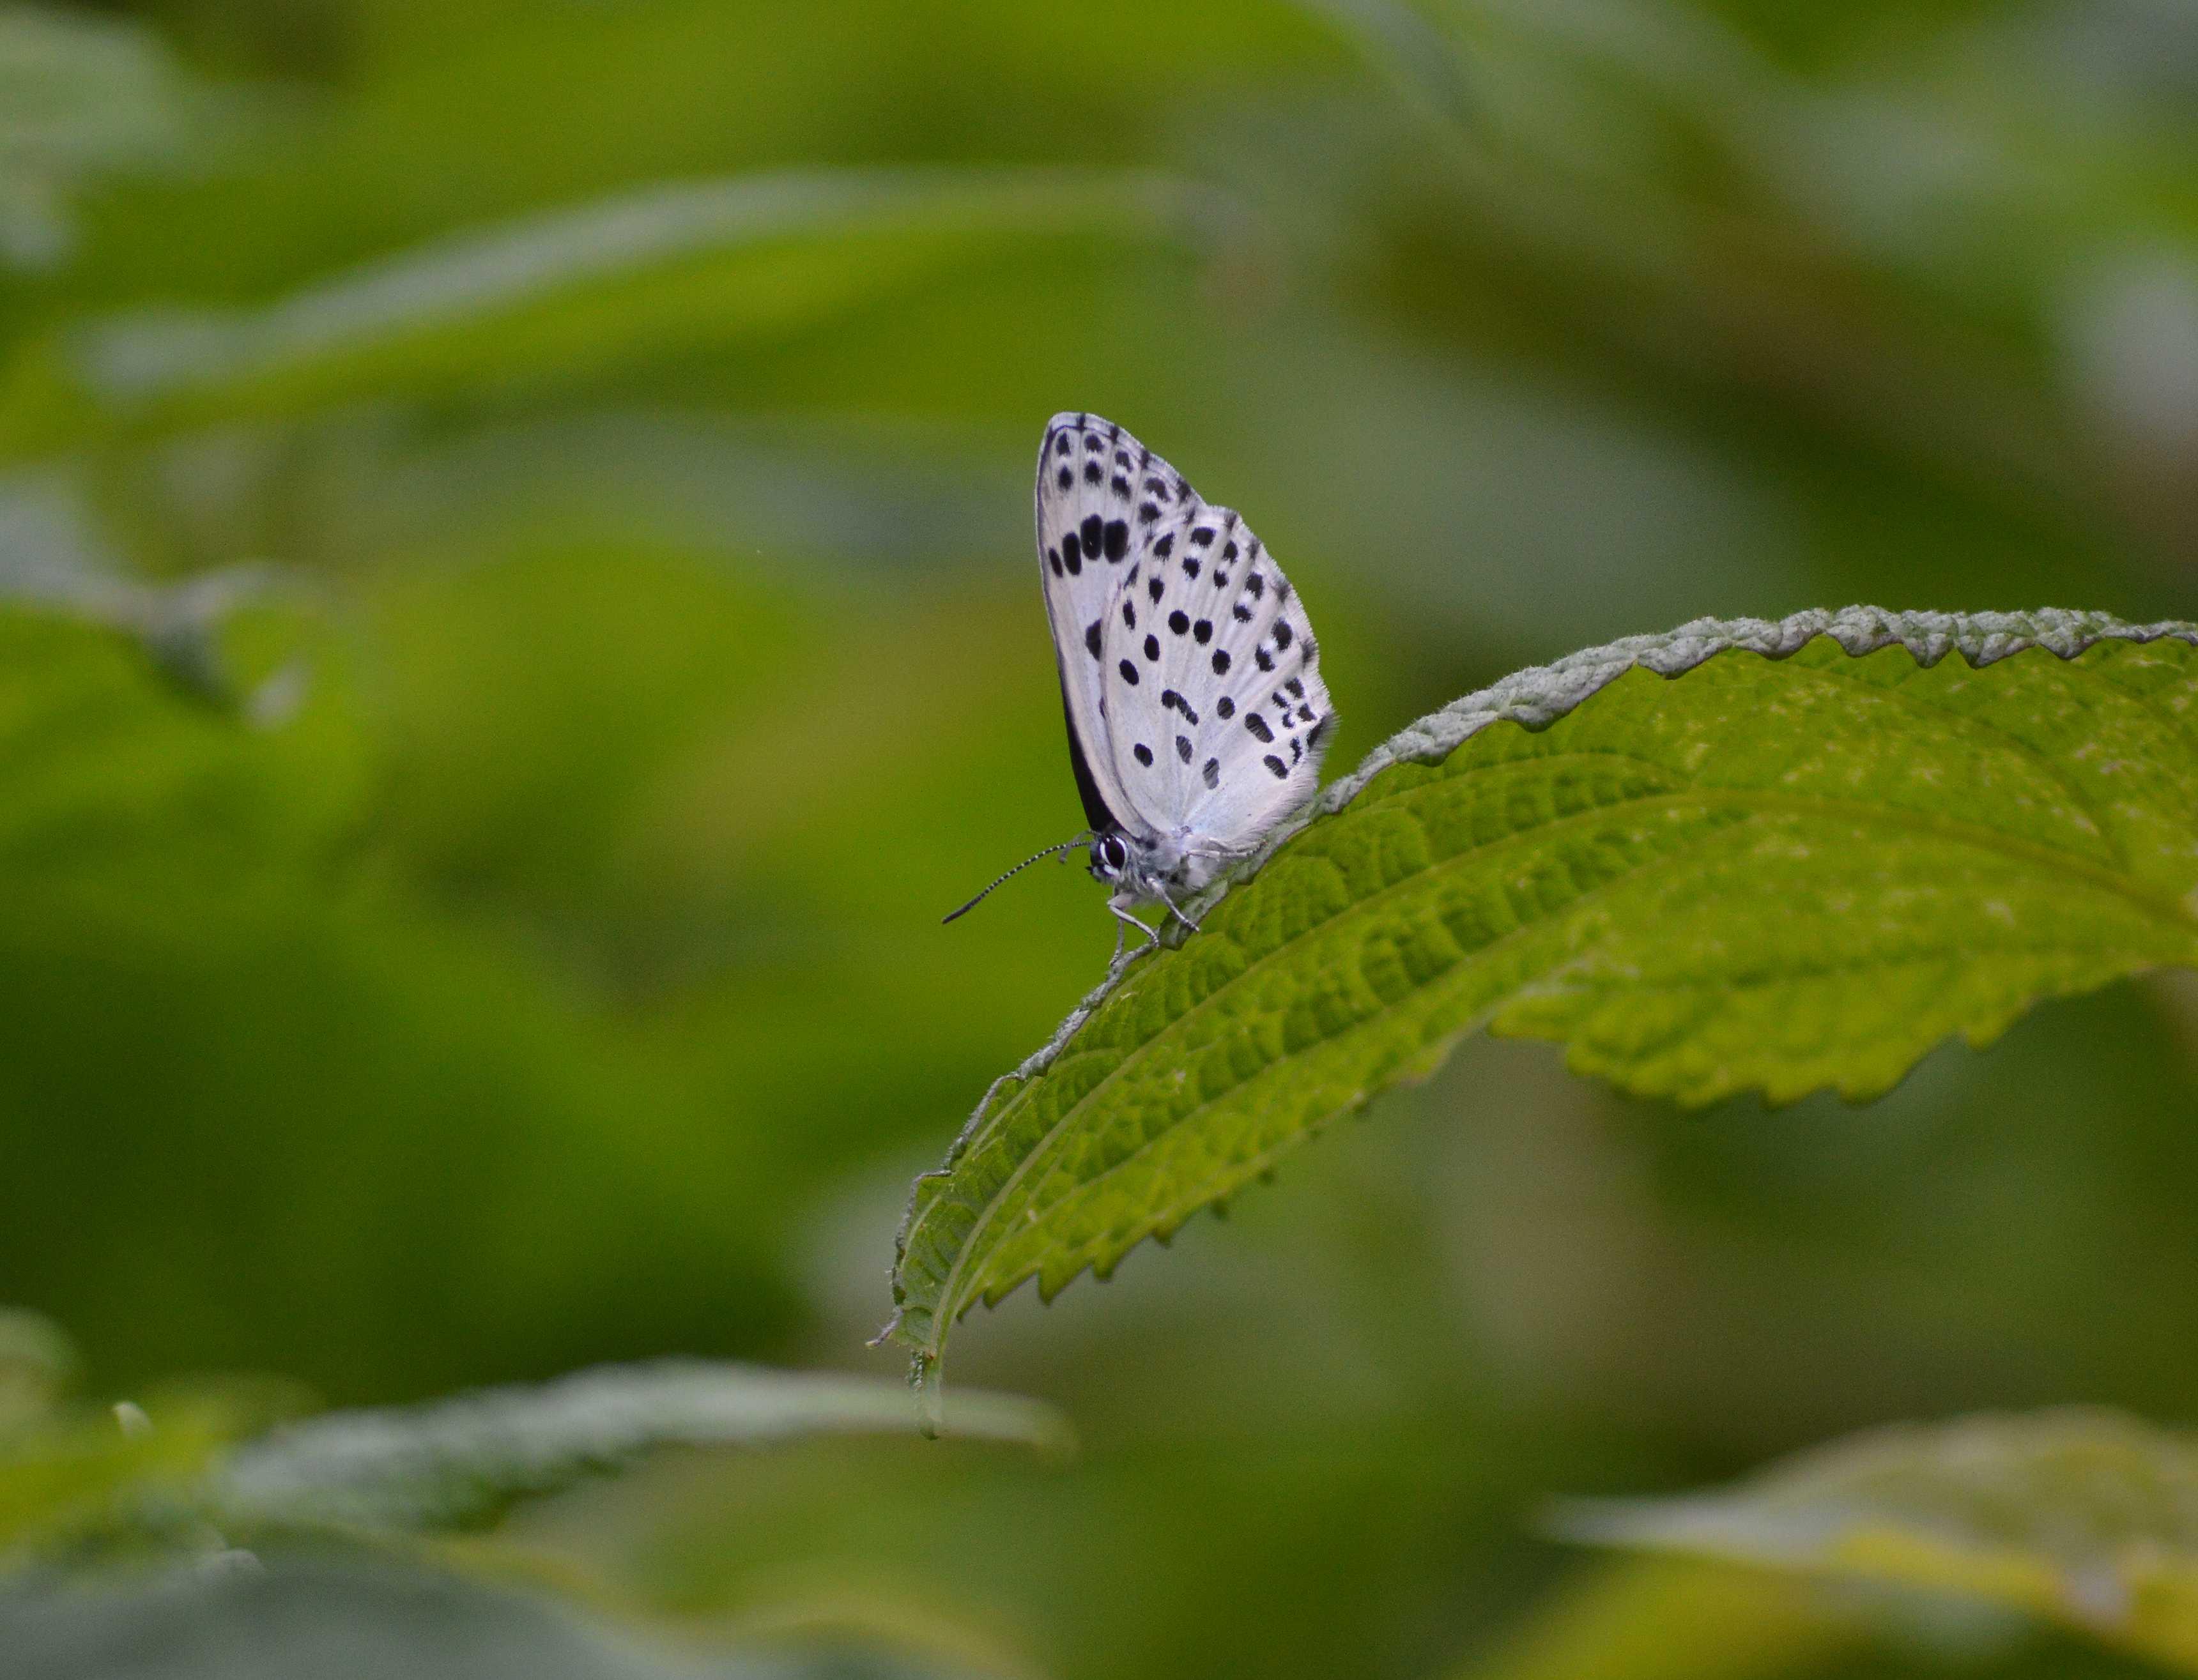 オオゴマシジミ やっぱりハードルの高い蝶でした_d0254540_1513196.jpg